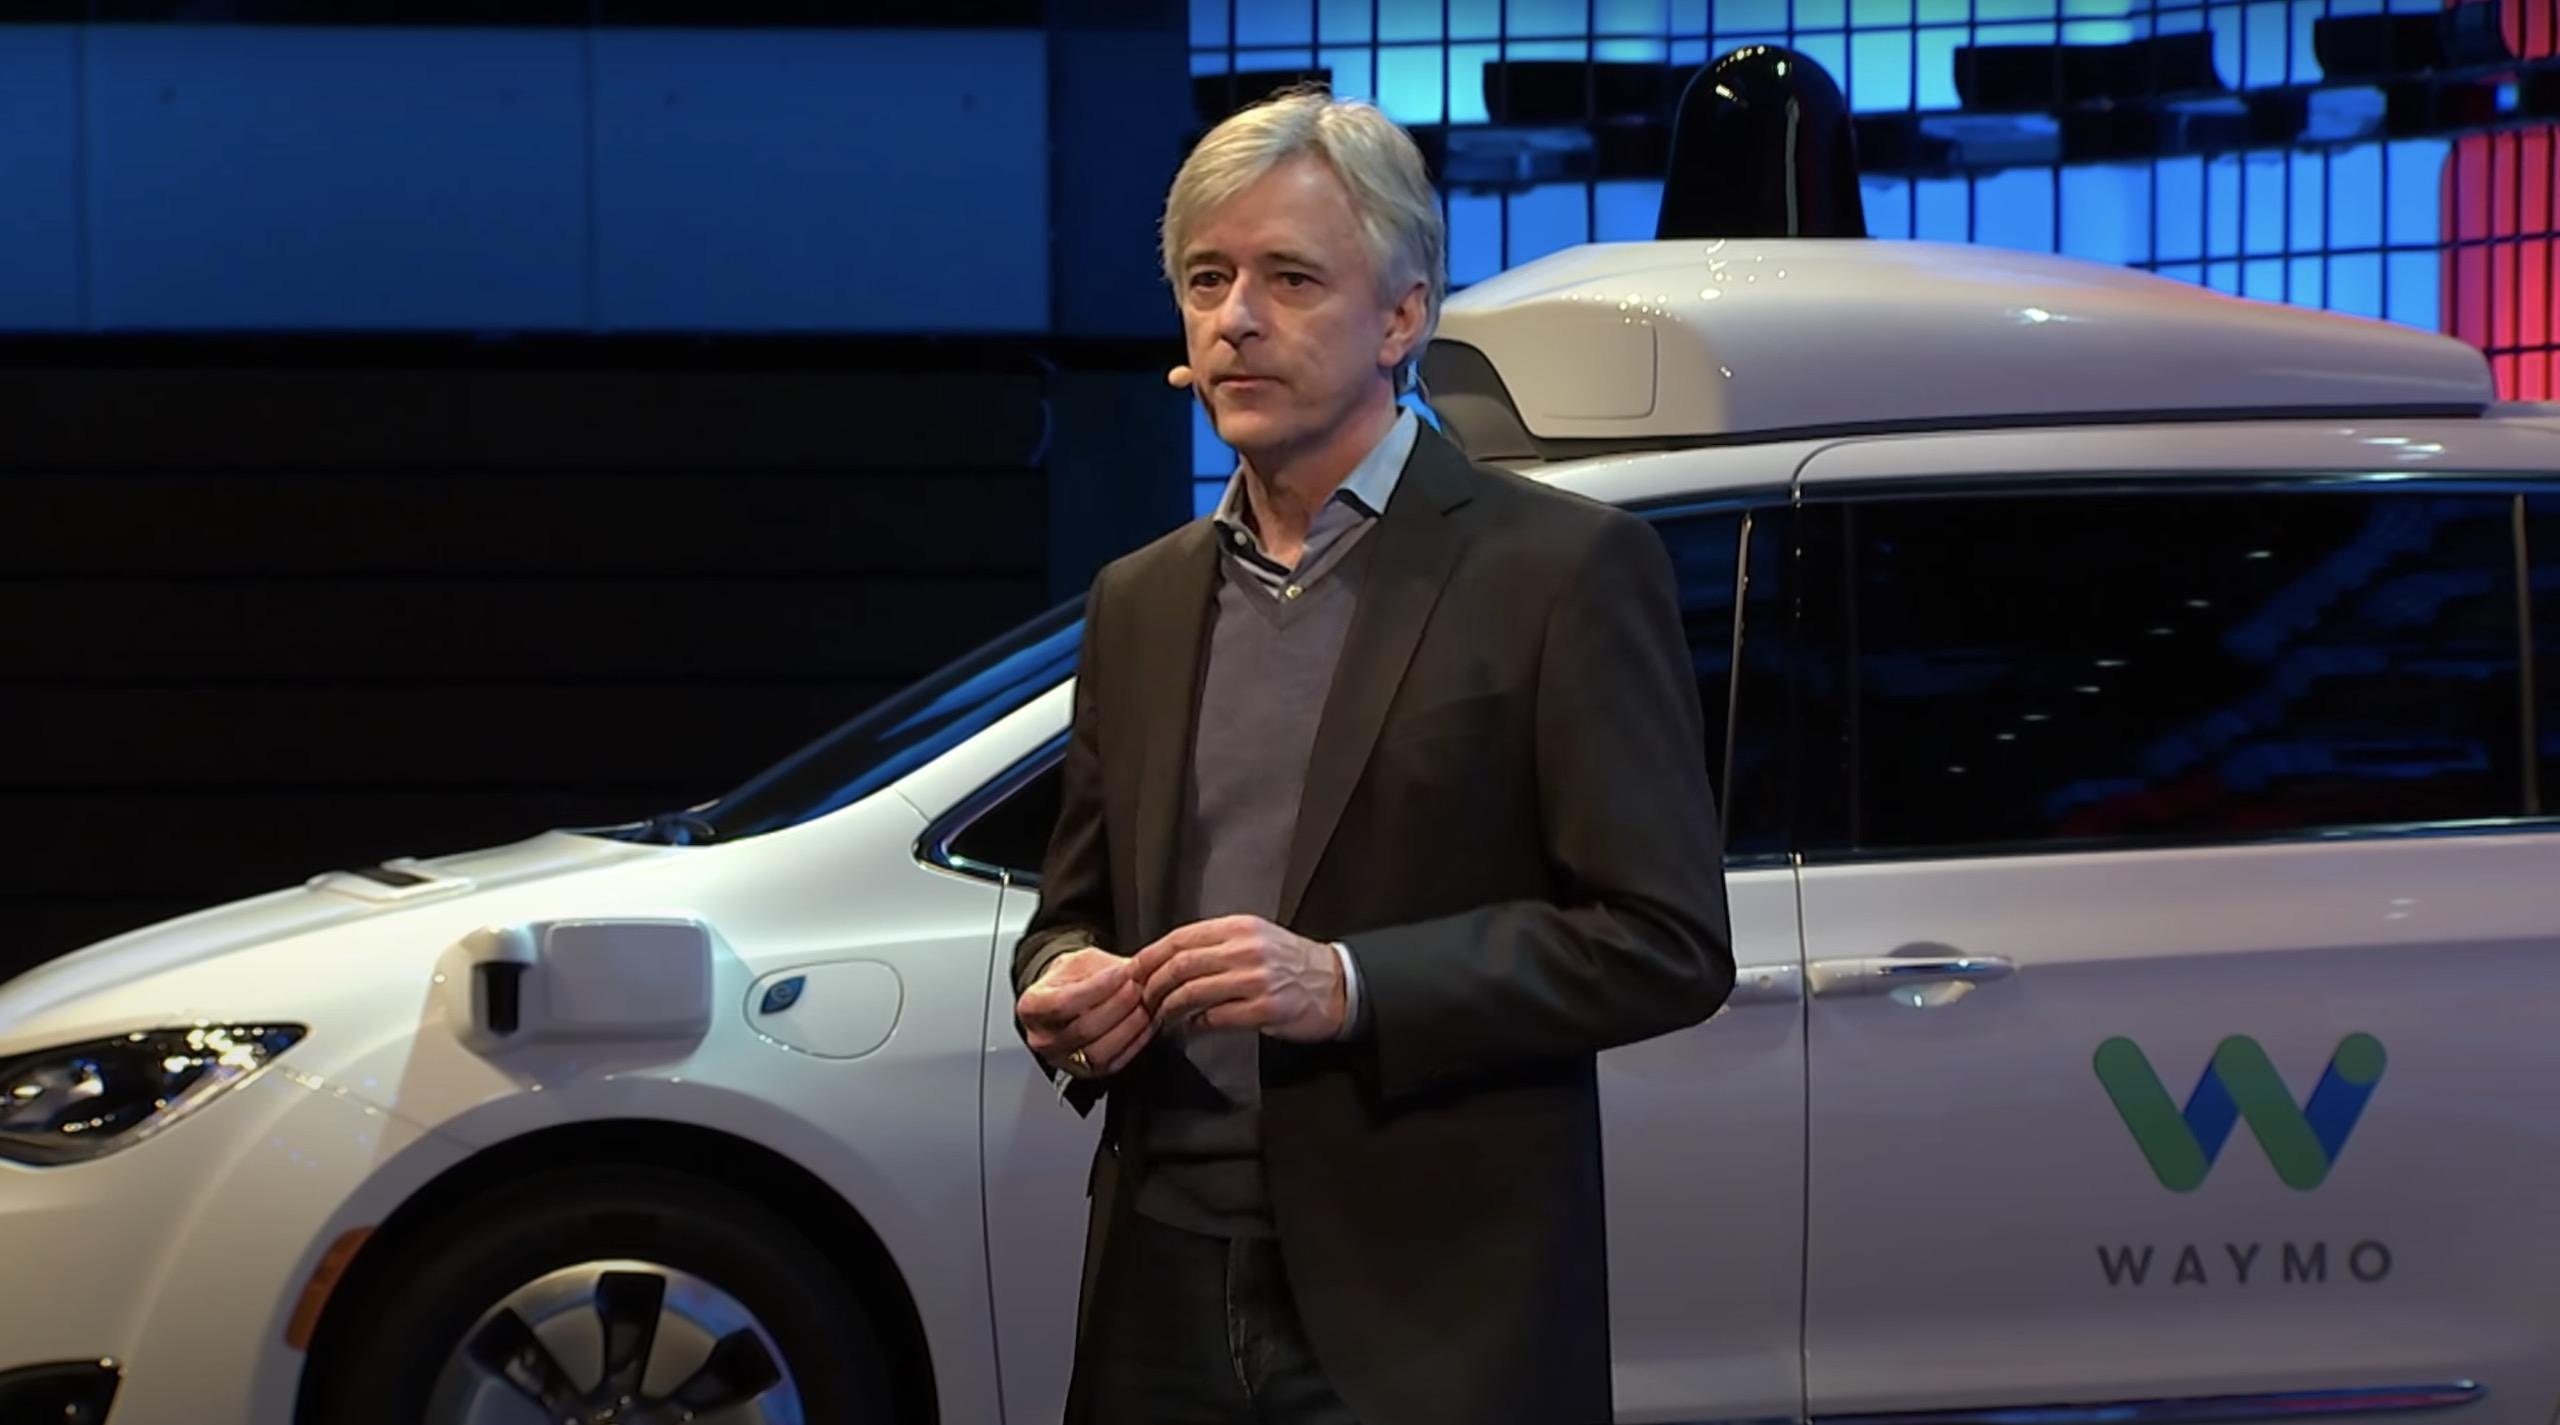 John Krafcik Waymo CEO